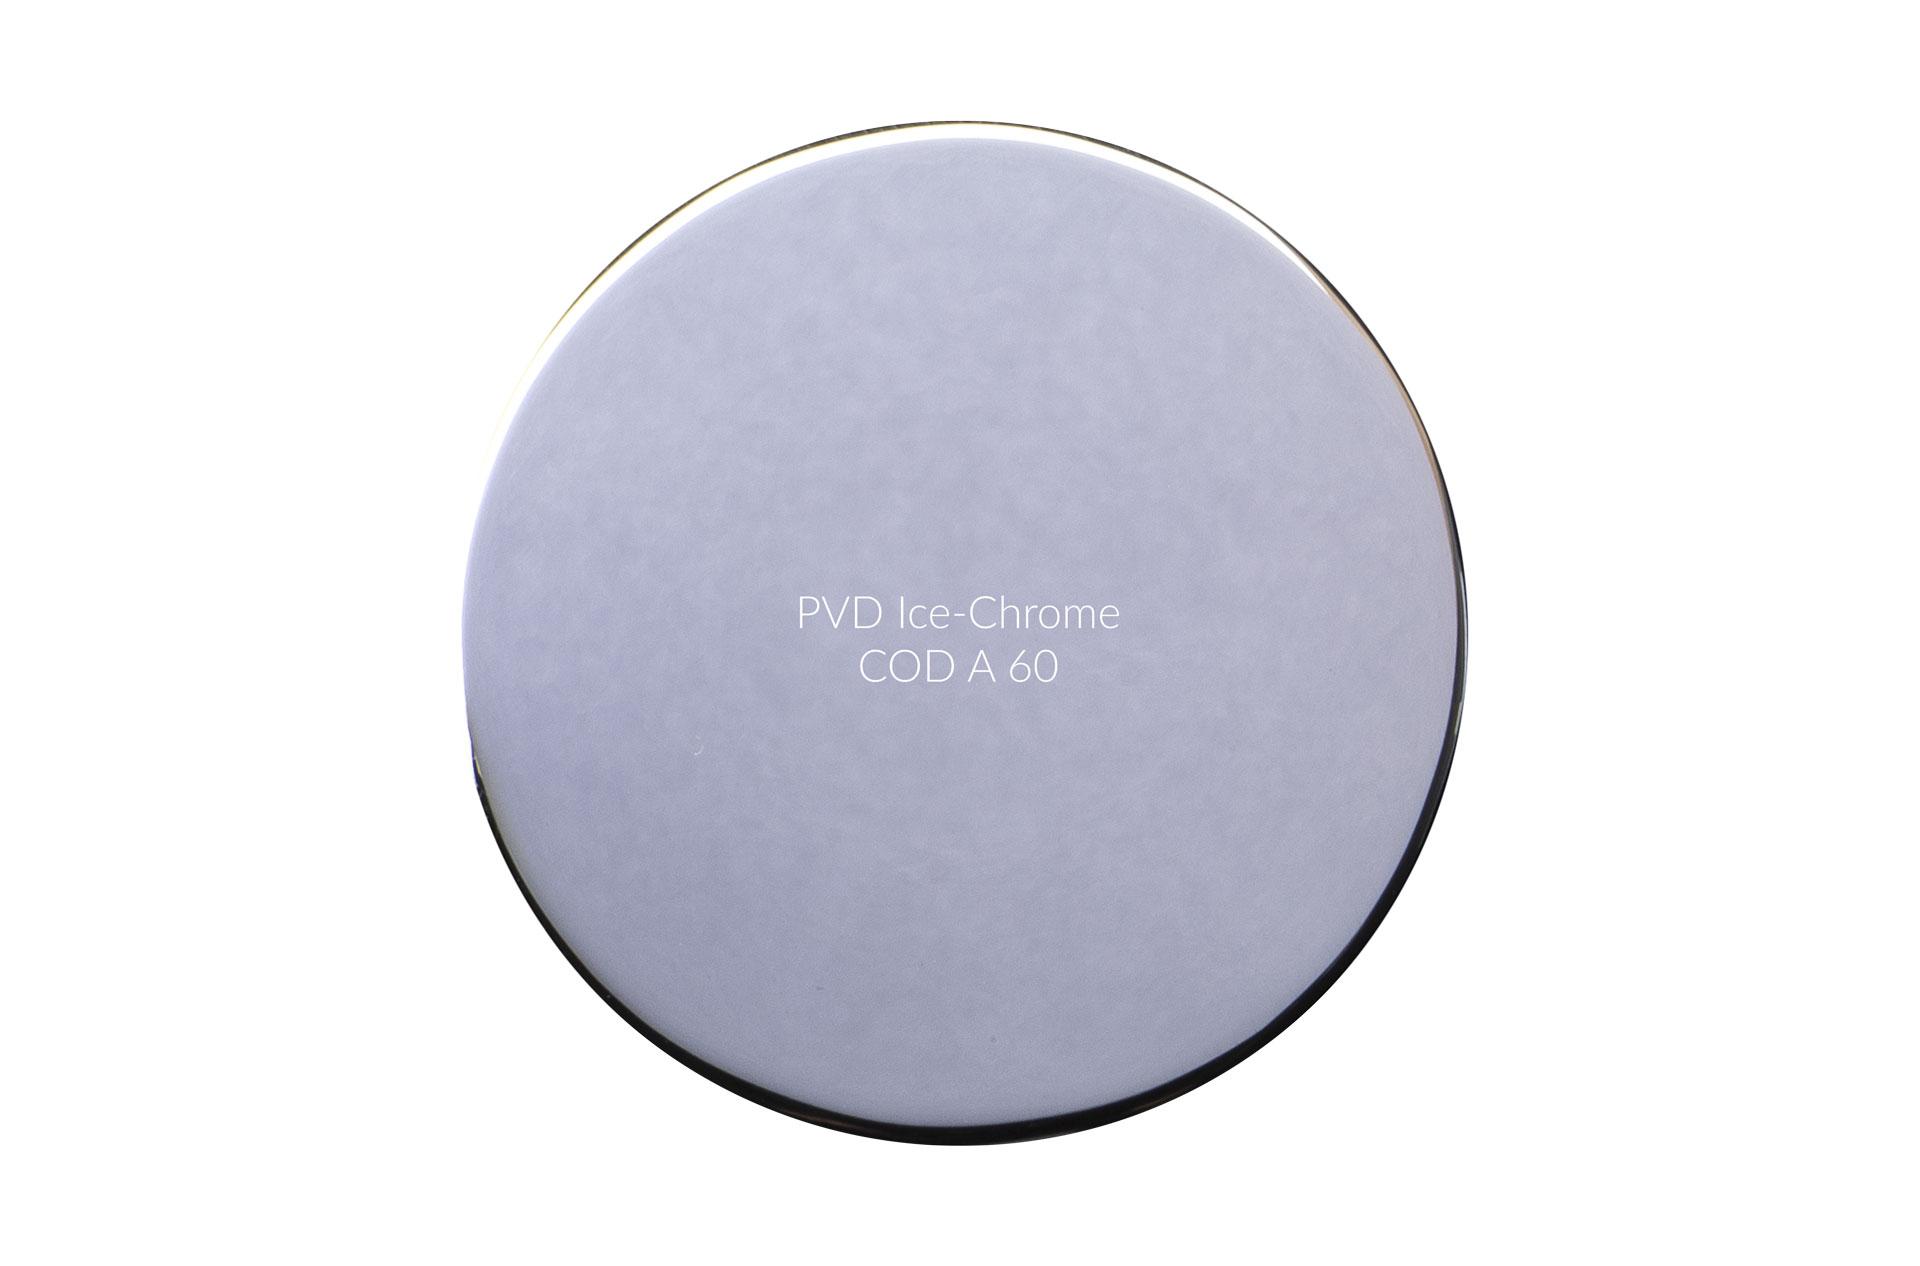 Dischetto PVD Ice-Chrome cod A 60 lucido